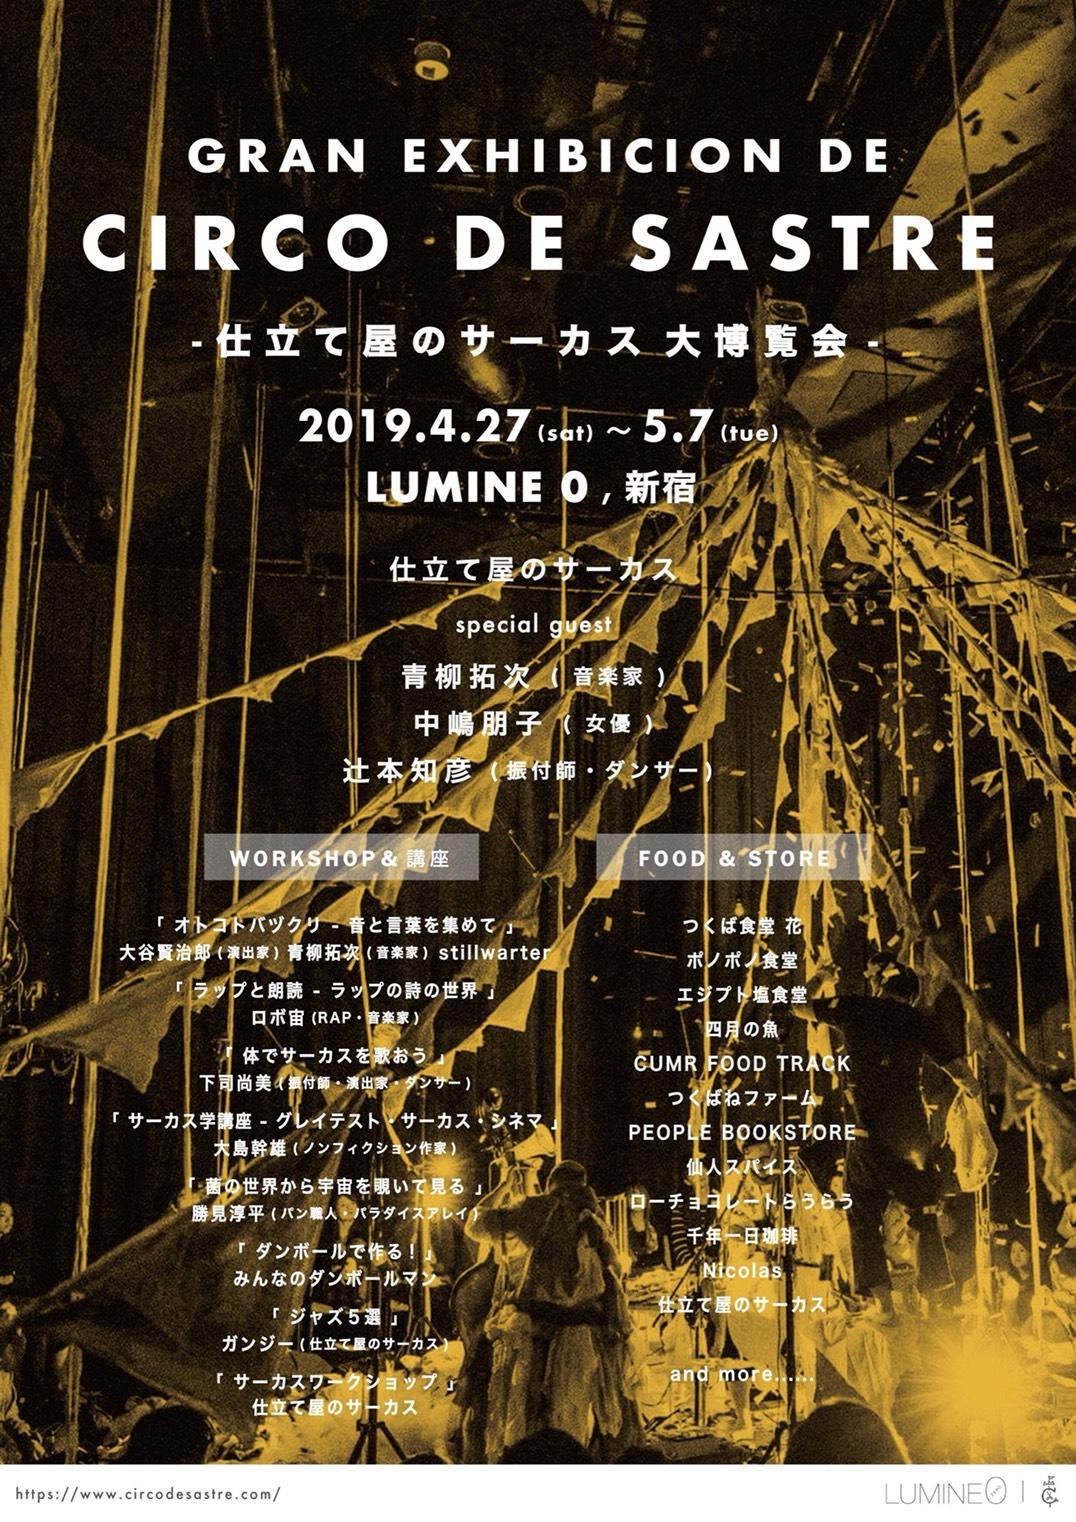 仕立て屋のサーカス大博覧会 - Gran Exhibición de Circo de Sastre【 特別通し券3日間 or 2日間 】